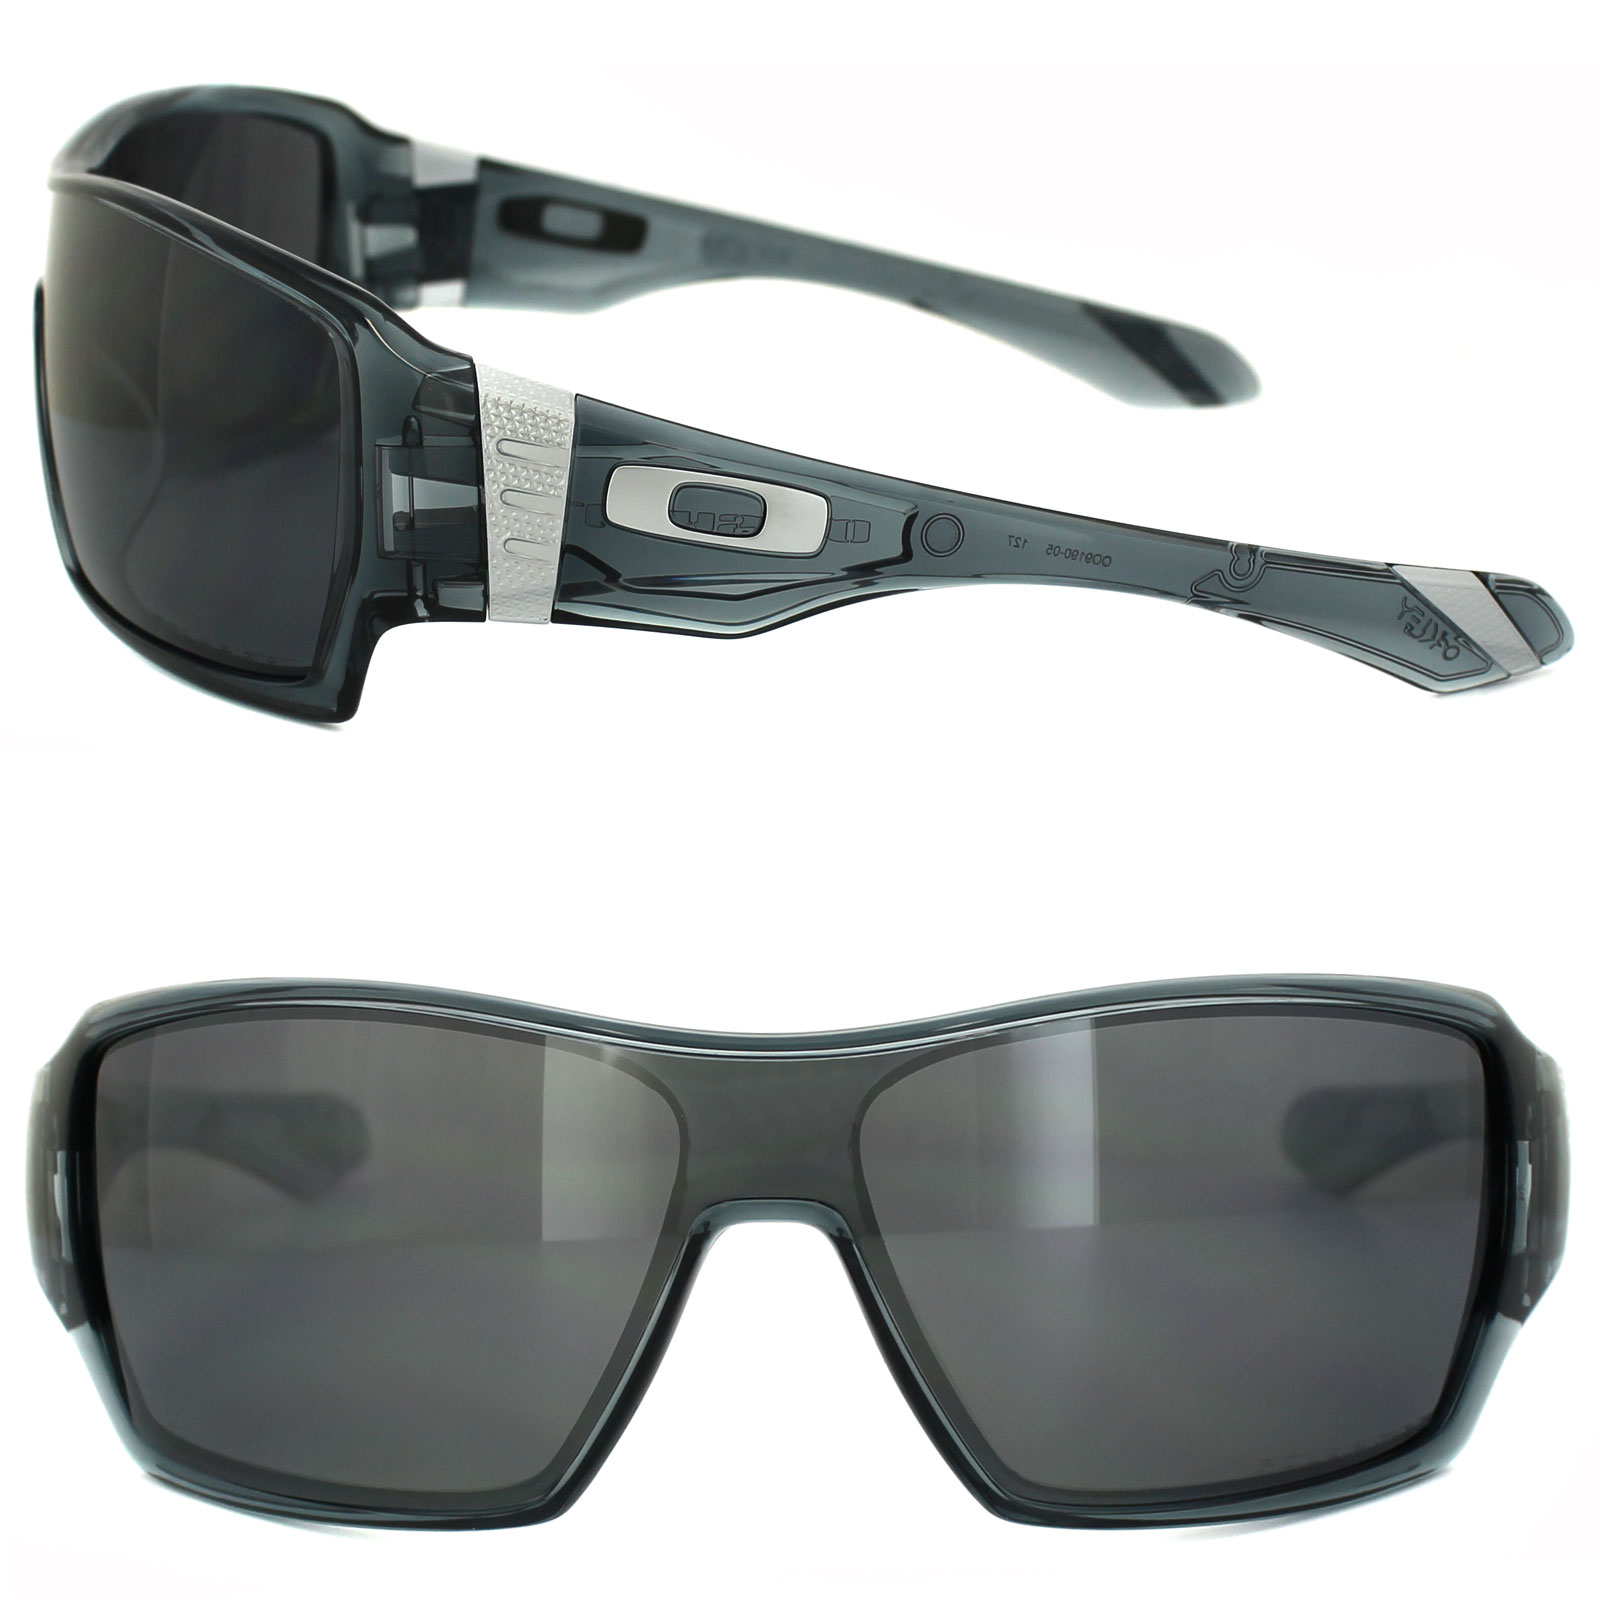 Oakley Offshoot Polarized Sunglasses  oakley sunglasses offshoot oo9190 05 crystal black black iridium